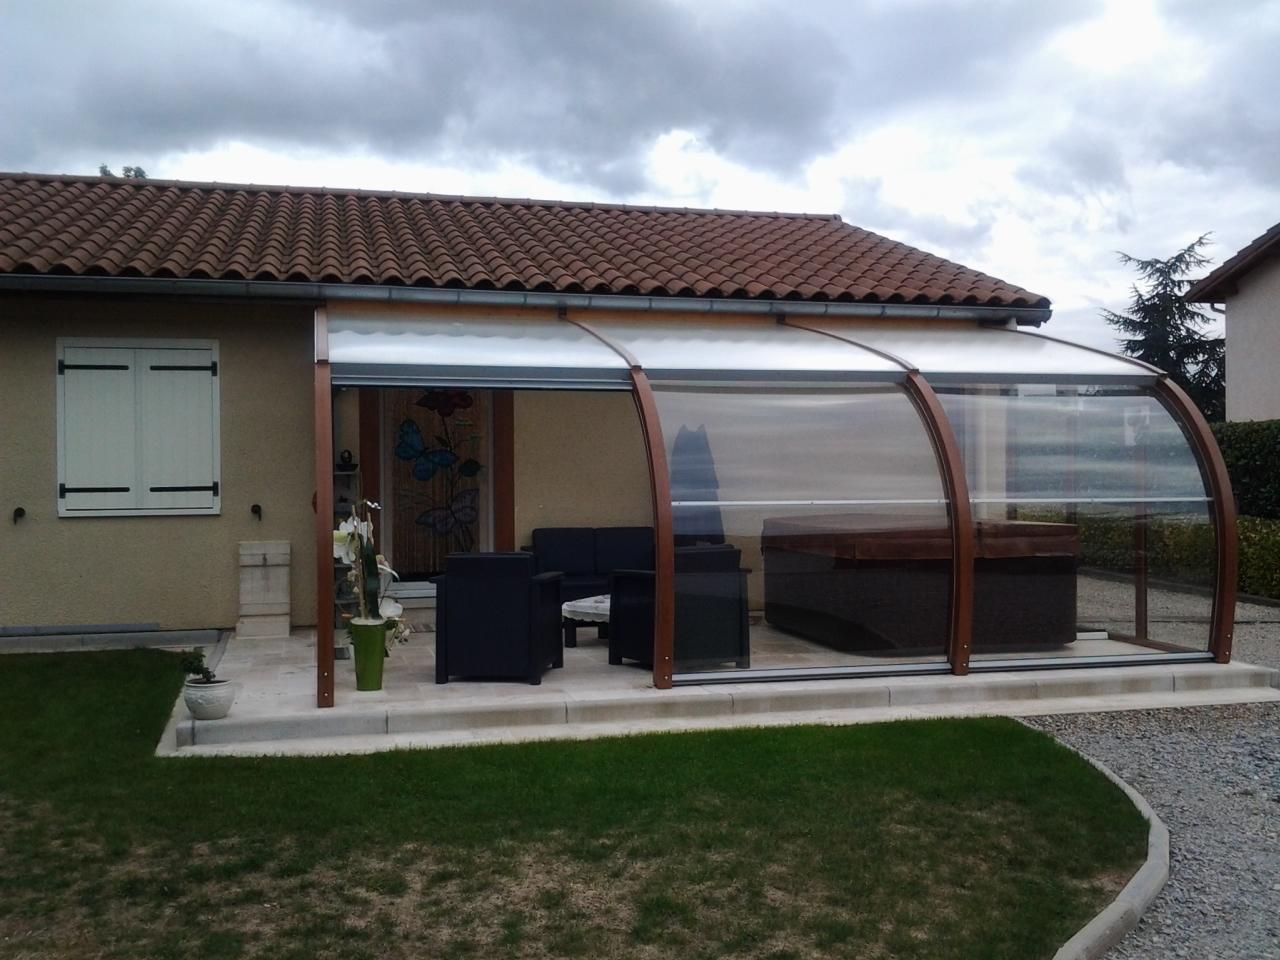 Abri de spa adoss la maison par apc for Abri de piscine montbrison